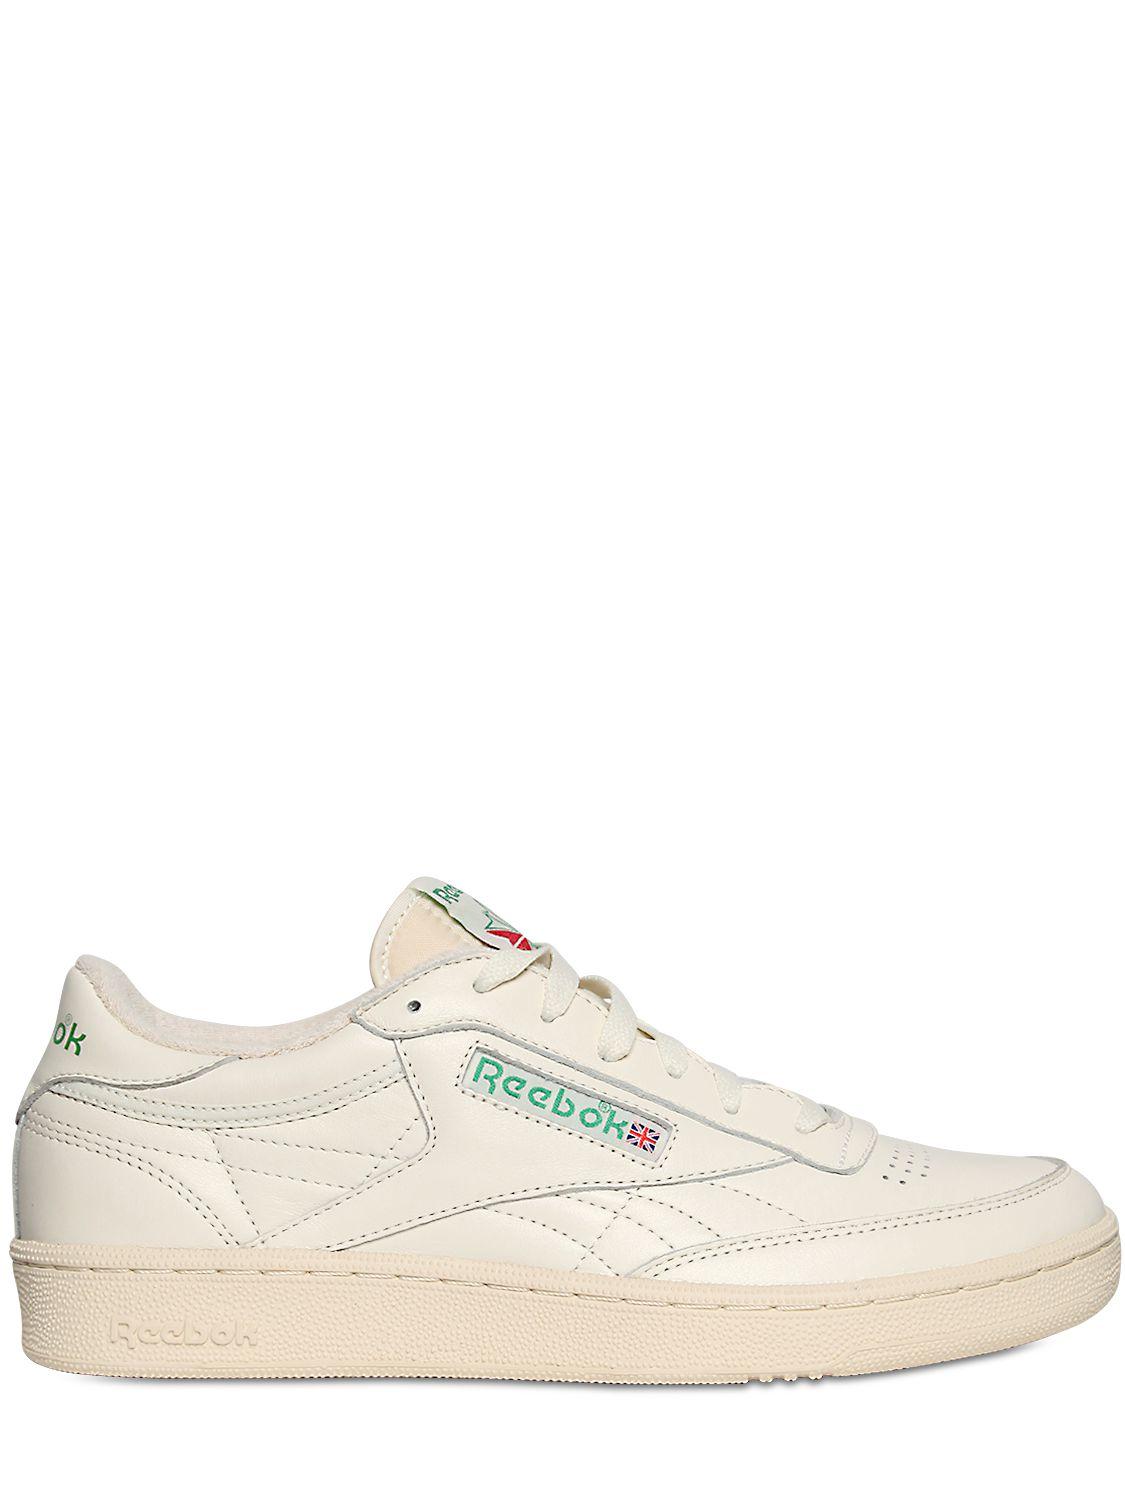 5360880f5eb Club C 85 Vintage S T Y L E t Reebok Shoes and Sneakers